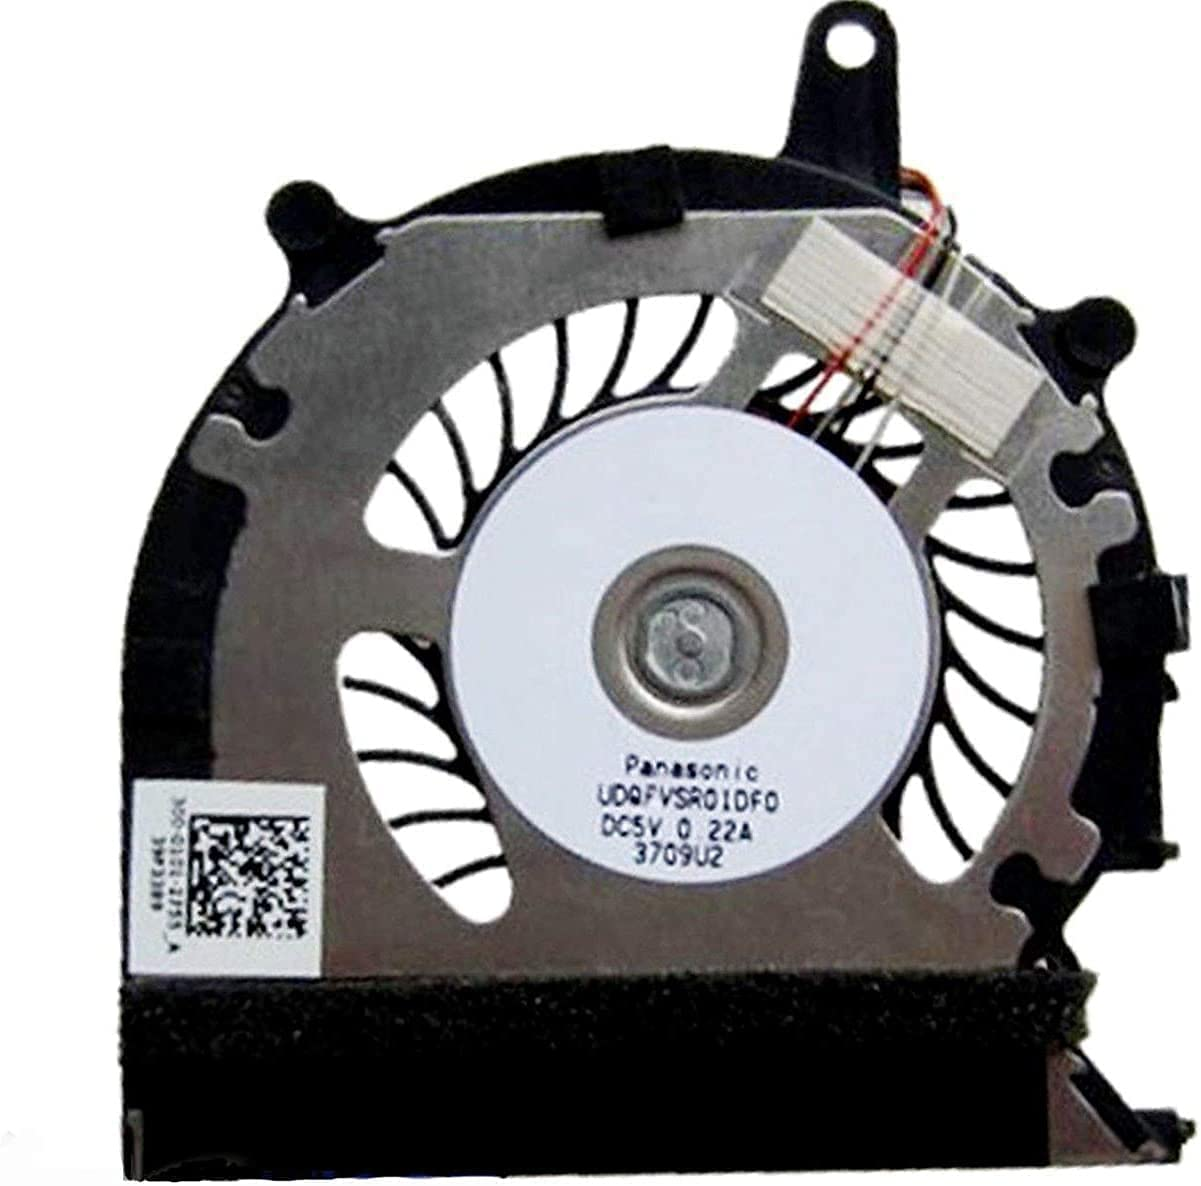 Nuevo ventilador de CPU para Sony VAIO Pro13 Pro 13 SVP13 SVP13A SVP132 SVP1321 SVP132A UDQFVSR01DF0